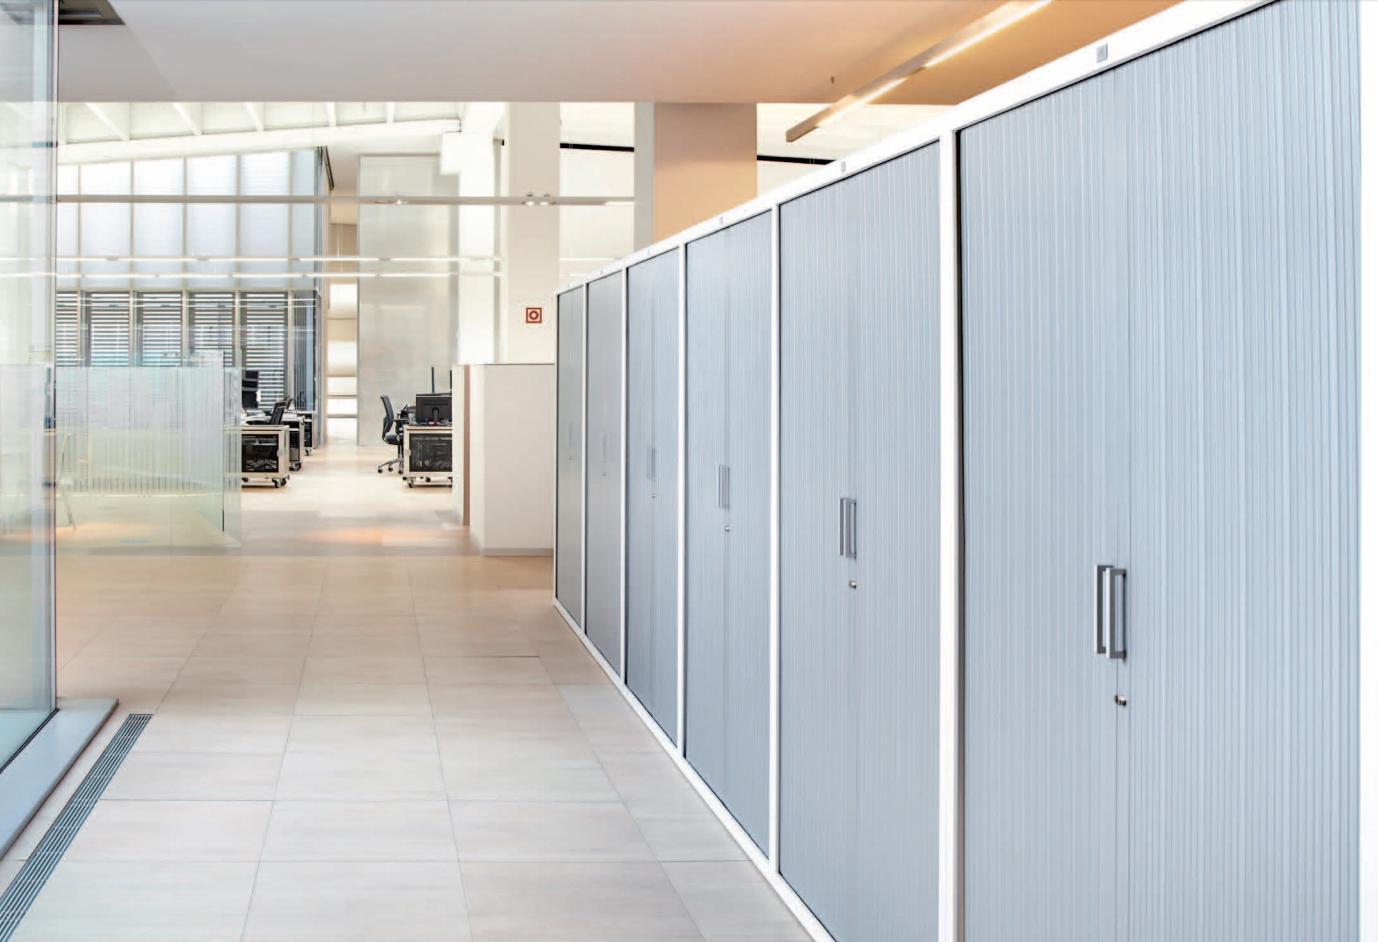 Archivos y sistemas de almacenamiento